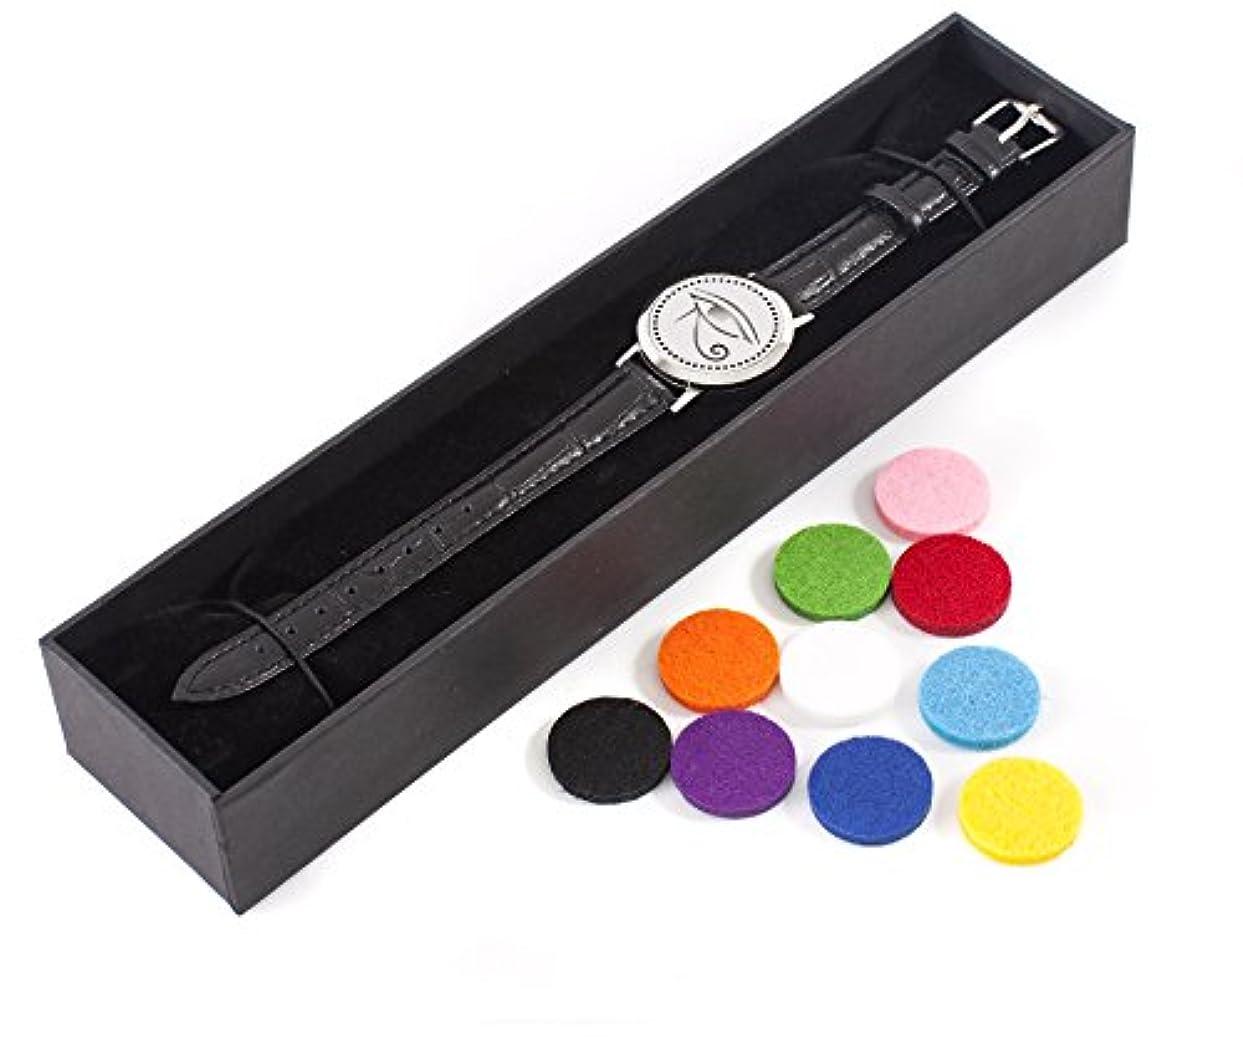 一節バランスのとれた解明Mystic Moments | Eye of Horus | Aromatherapy Oil Diffuser Bracelet with Adjustable Black Leather Strap